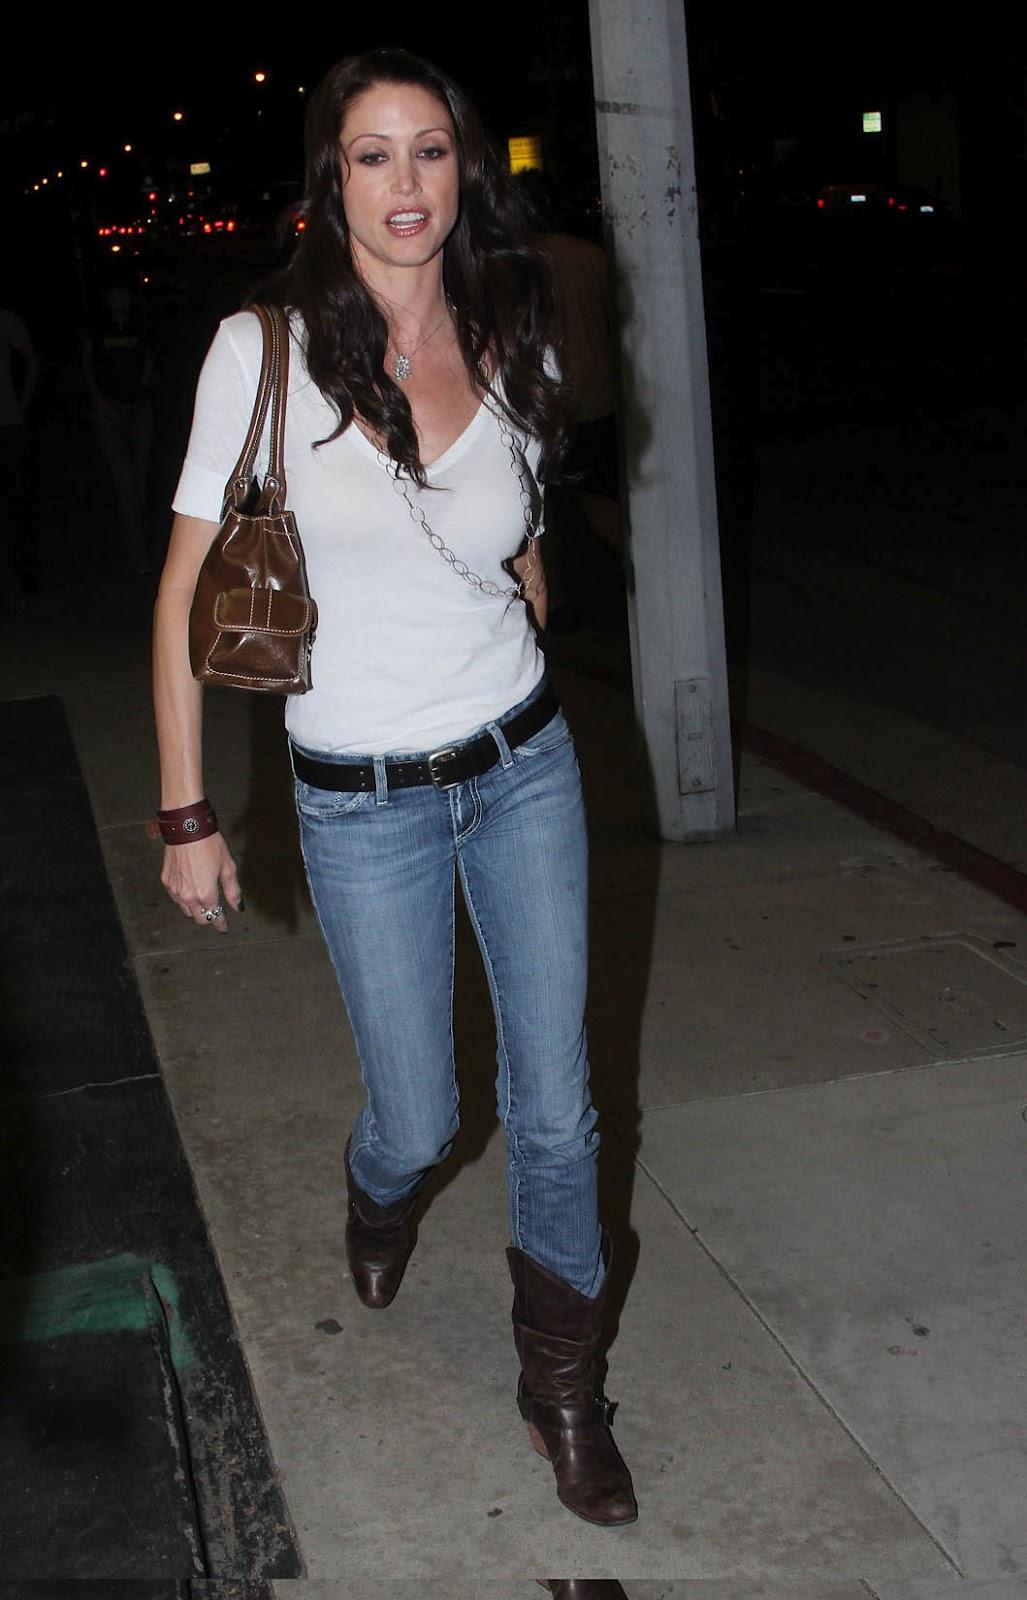 http://2.bp.blogspot.com/-YW4oHXNT1Bo/T8n_Kuf8fVI/AAAAAAAAIHI/Jy5AsUPP0Hg/s1600/shannon_elizabeth_jeans_side_2.jpg